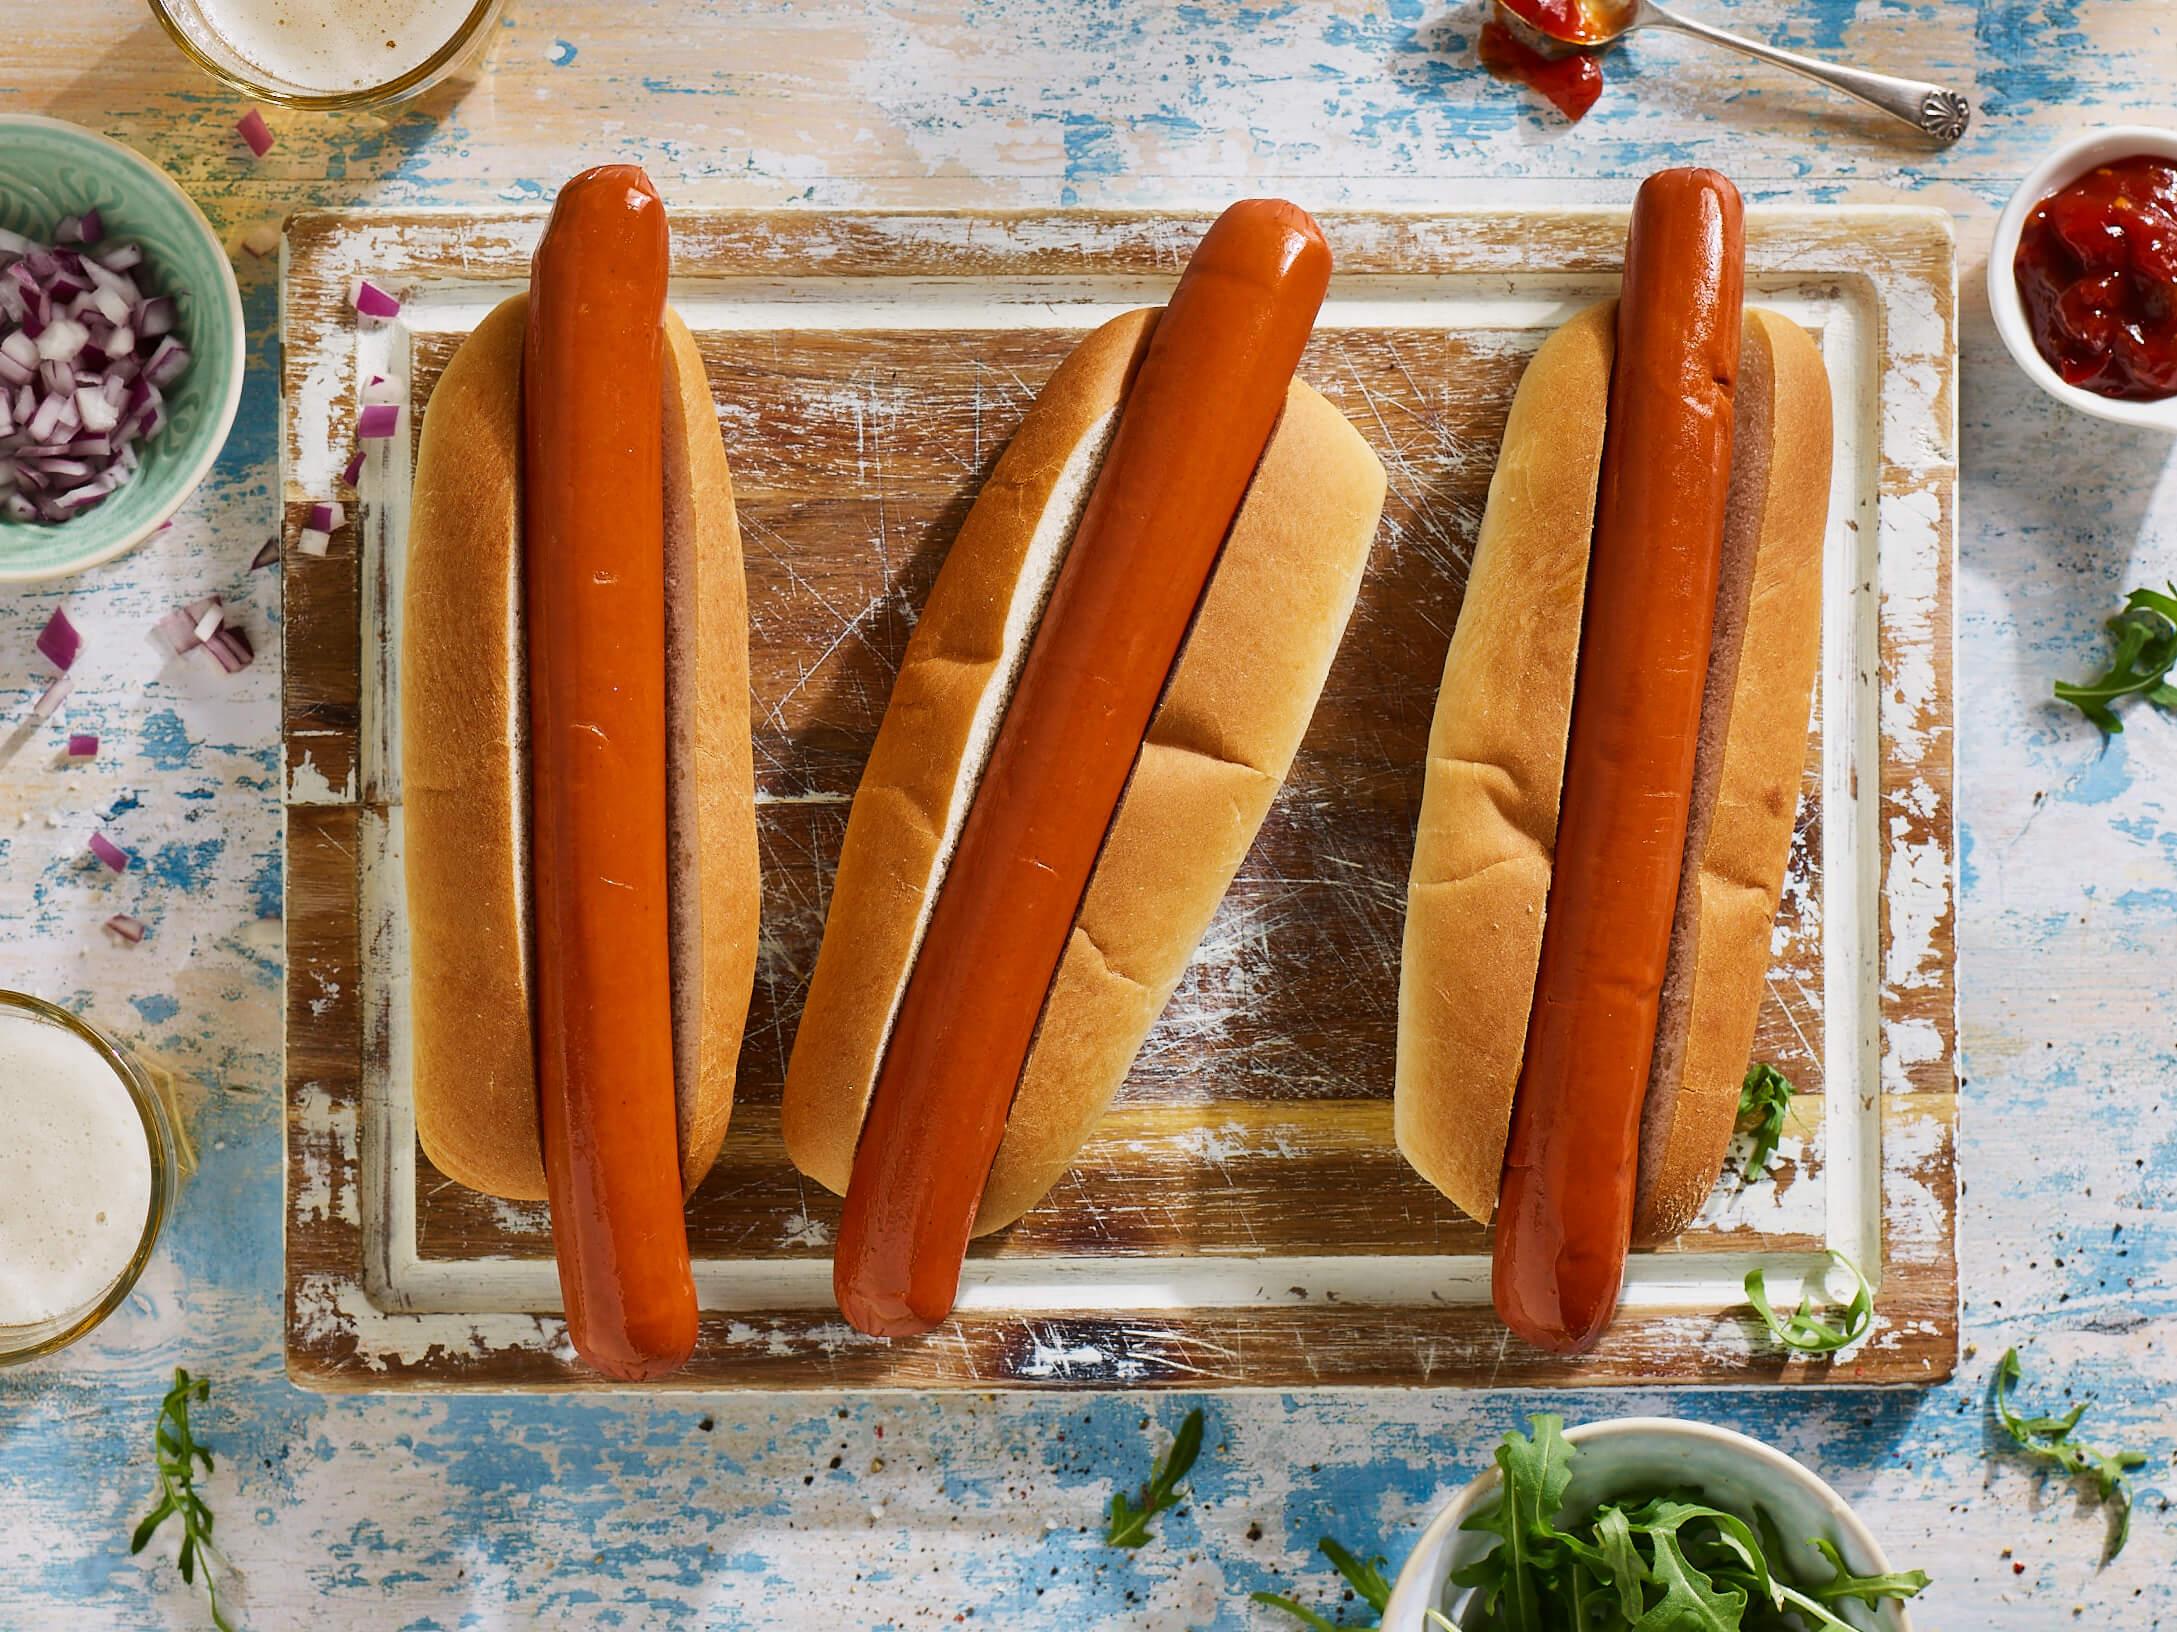 Jan Zandbergen Group - Moving Mountains hotdogs